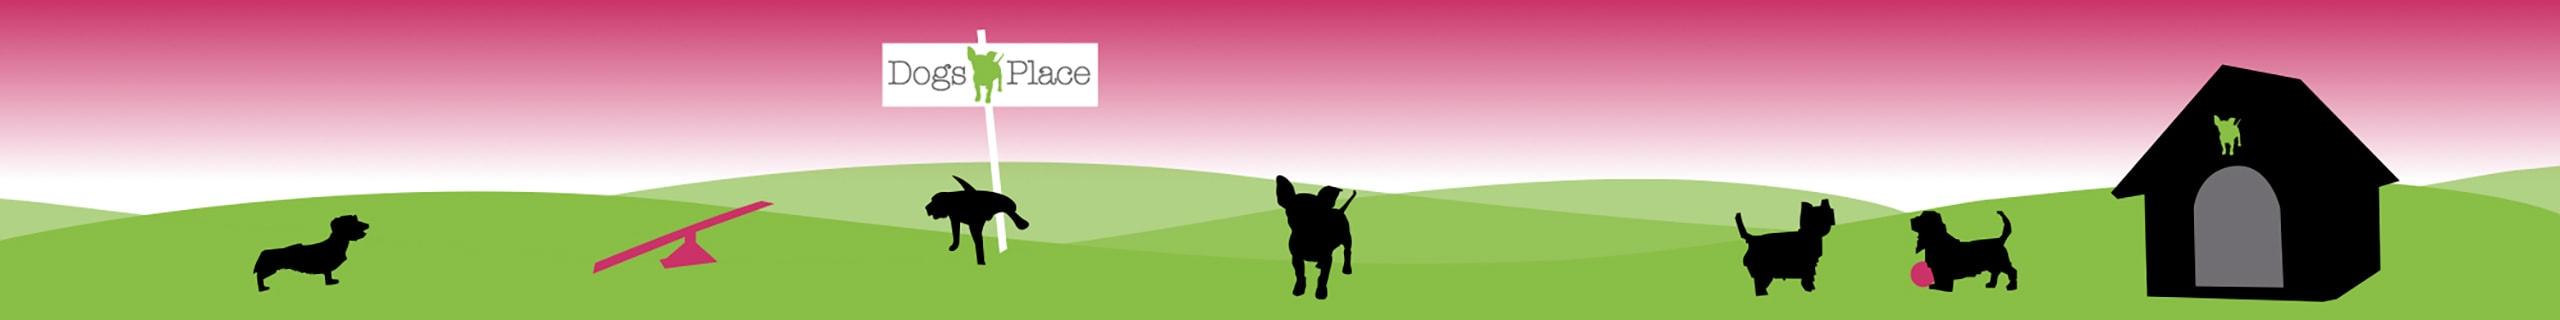 grafik mehrerer hunde auf einer gruenen wiese mit hundehuette und einem schild mit der aufschrift dogs place